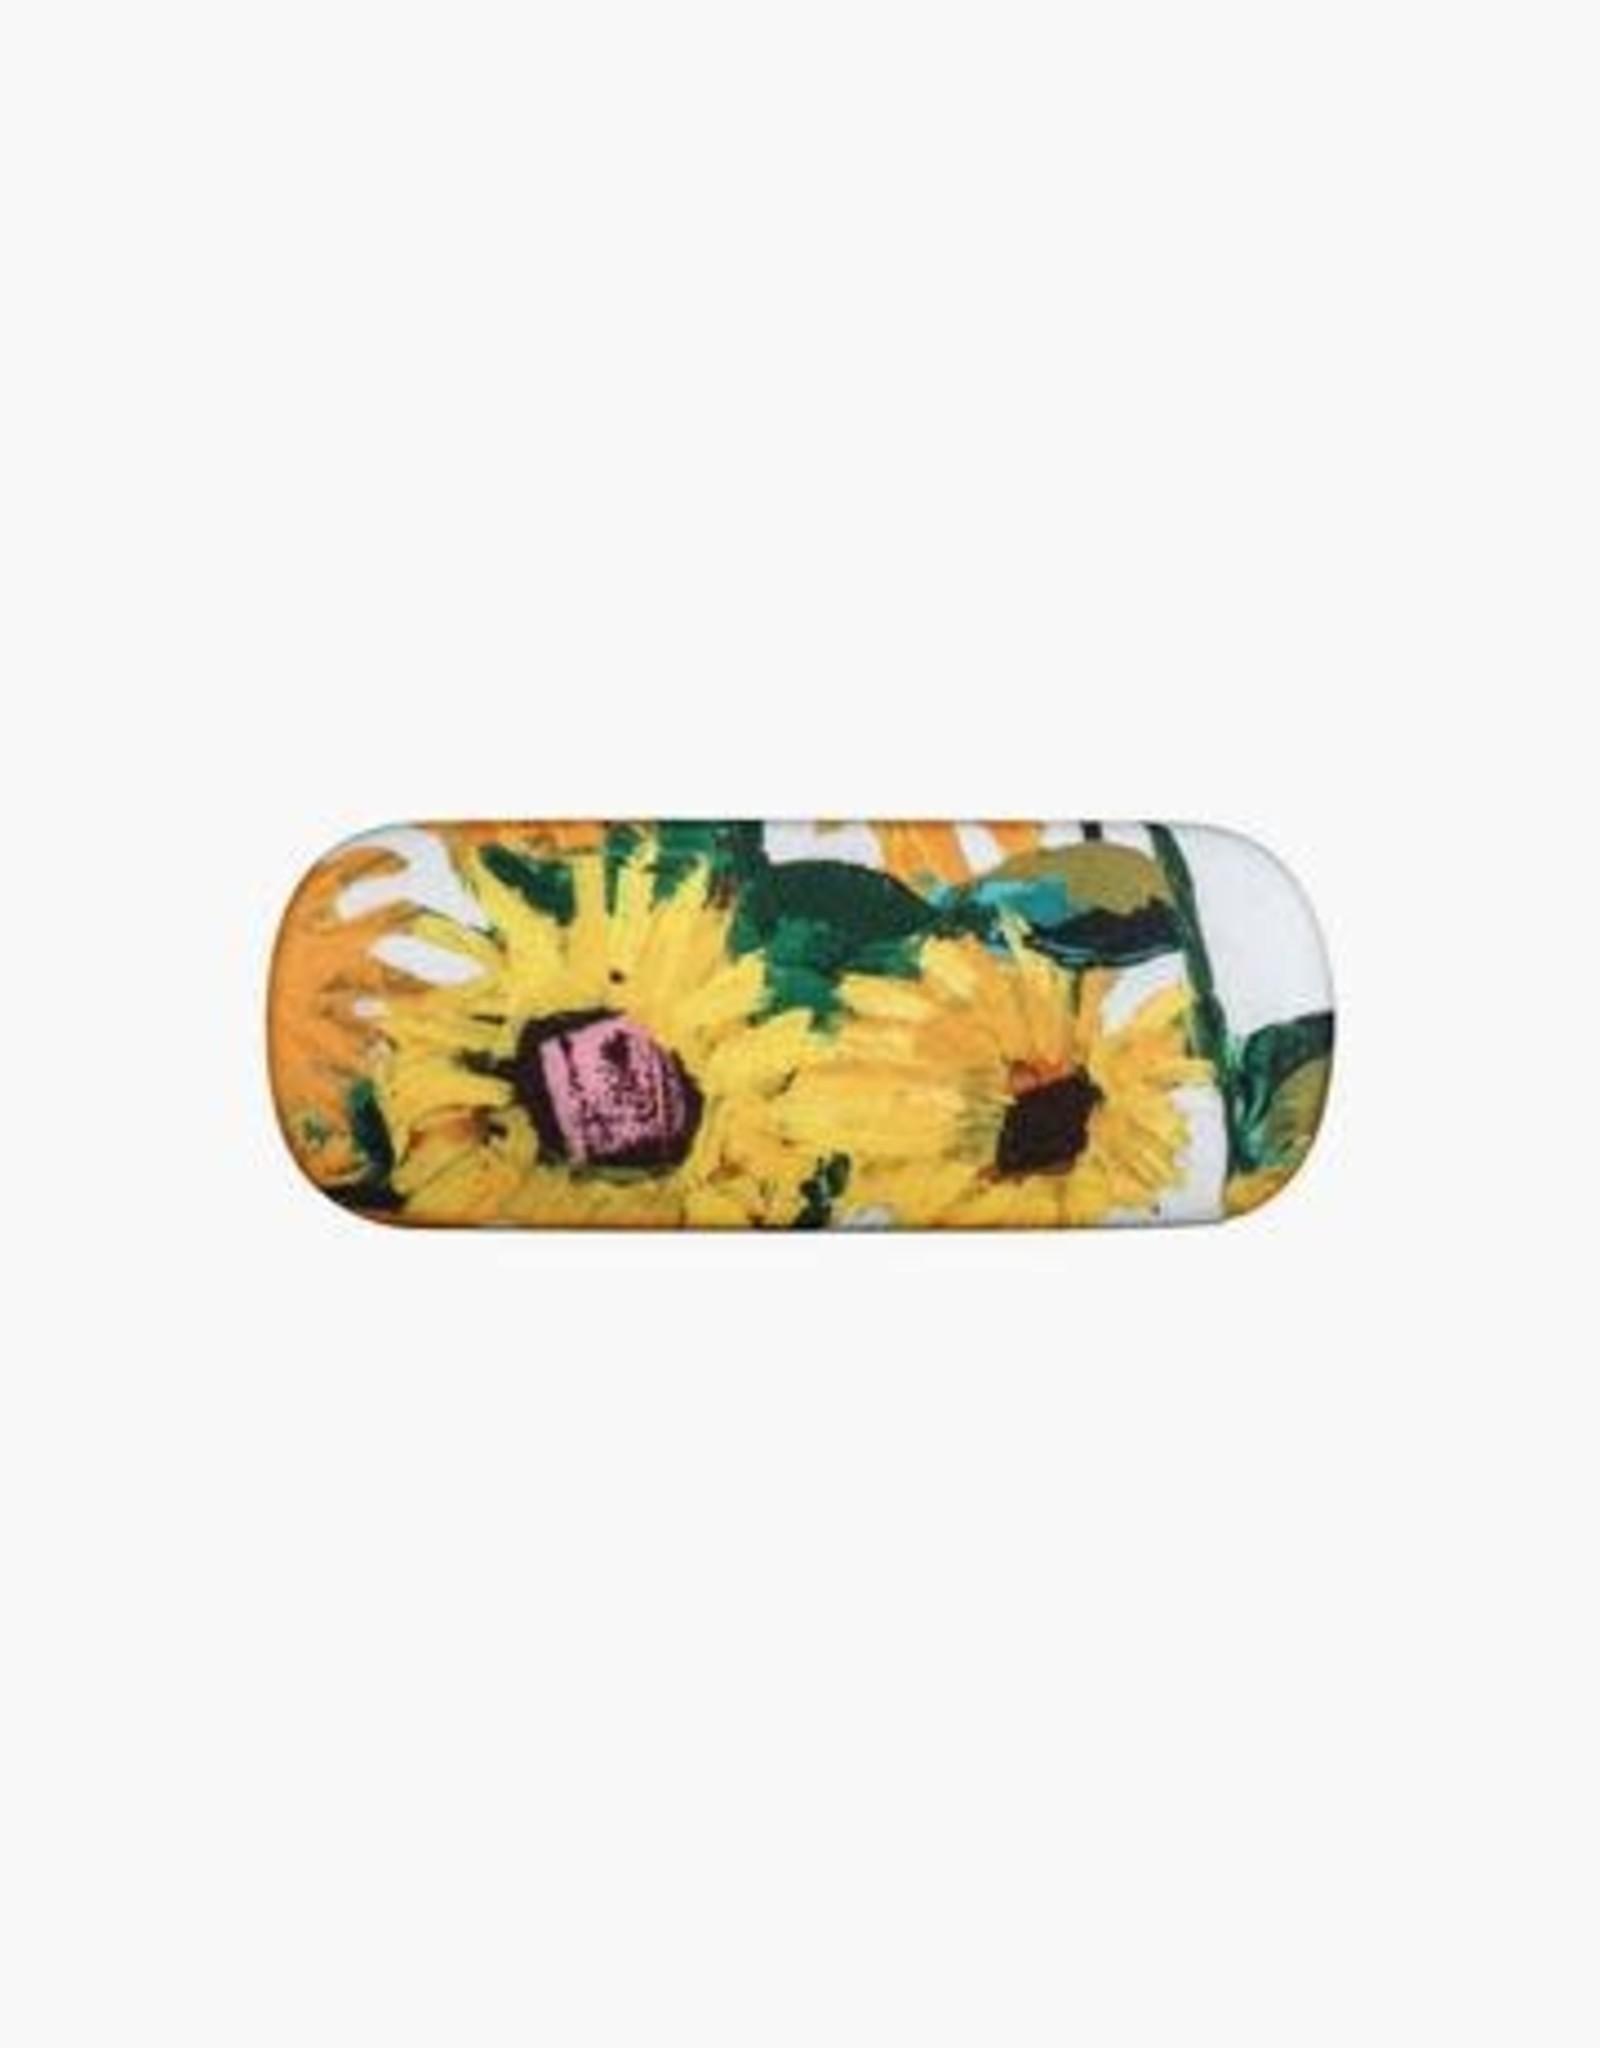 KOH Glasses Case - Darcy